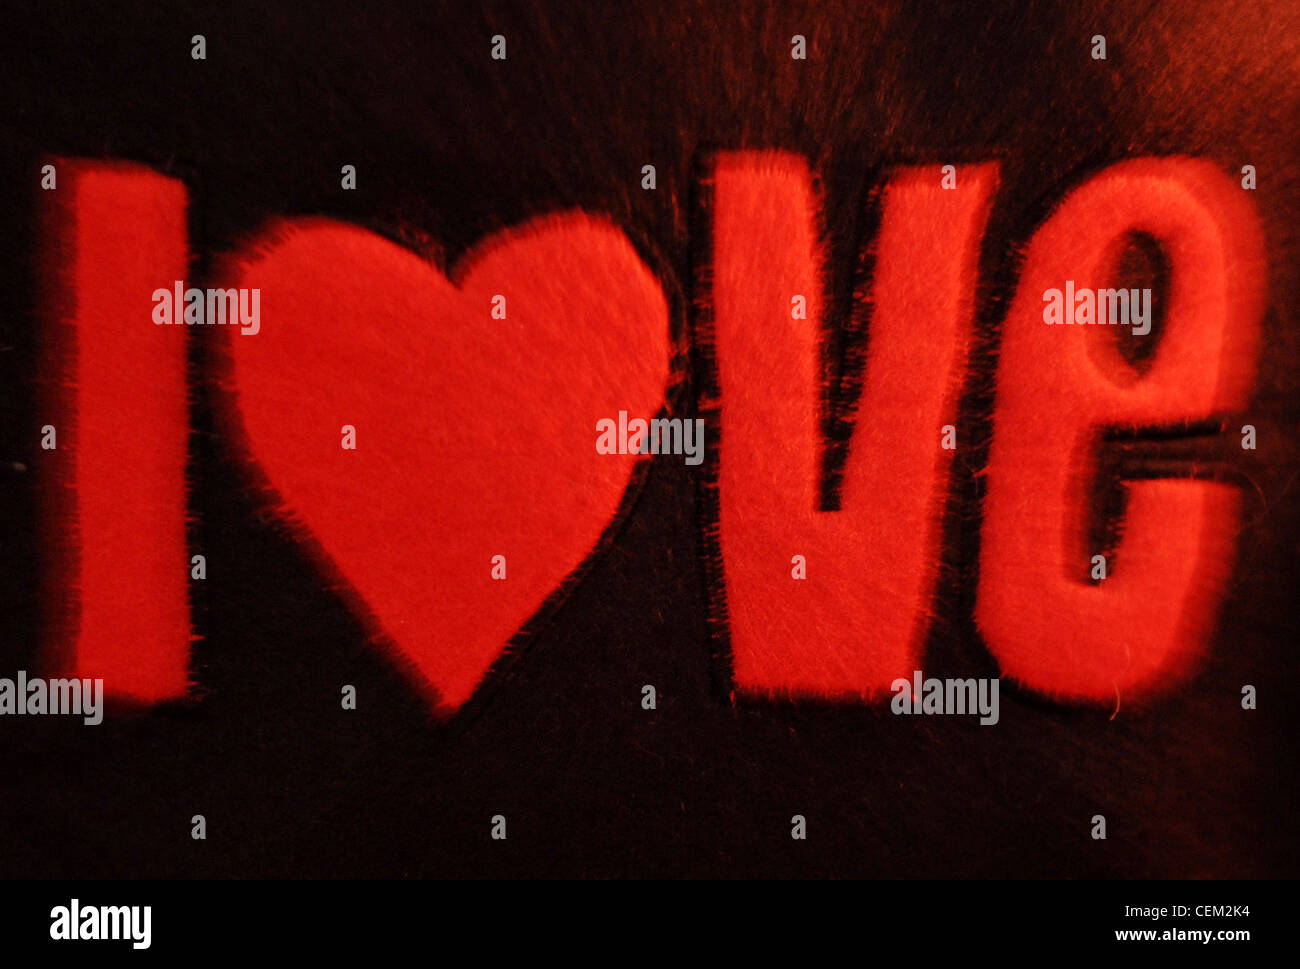 Una particolare immagine di un amore rosso applique in feltro nero